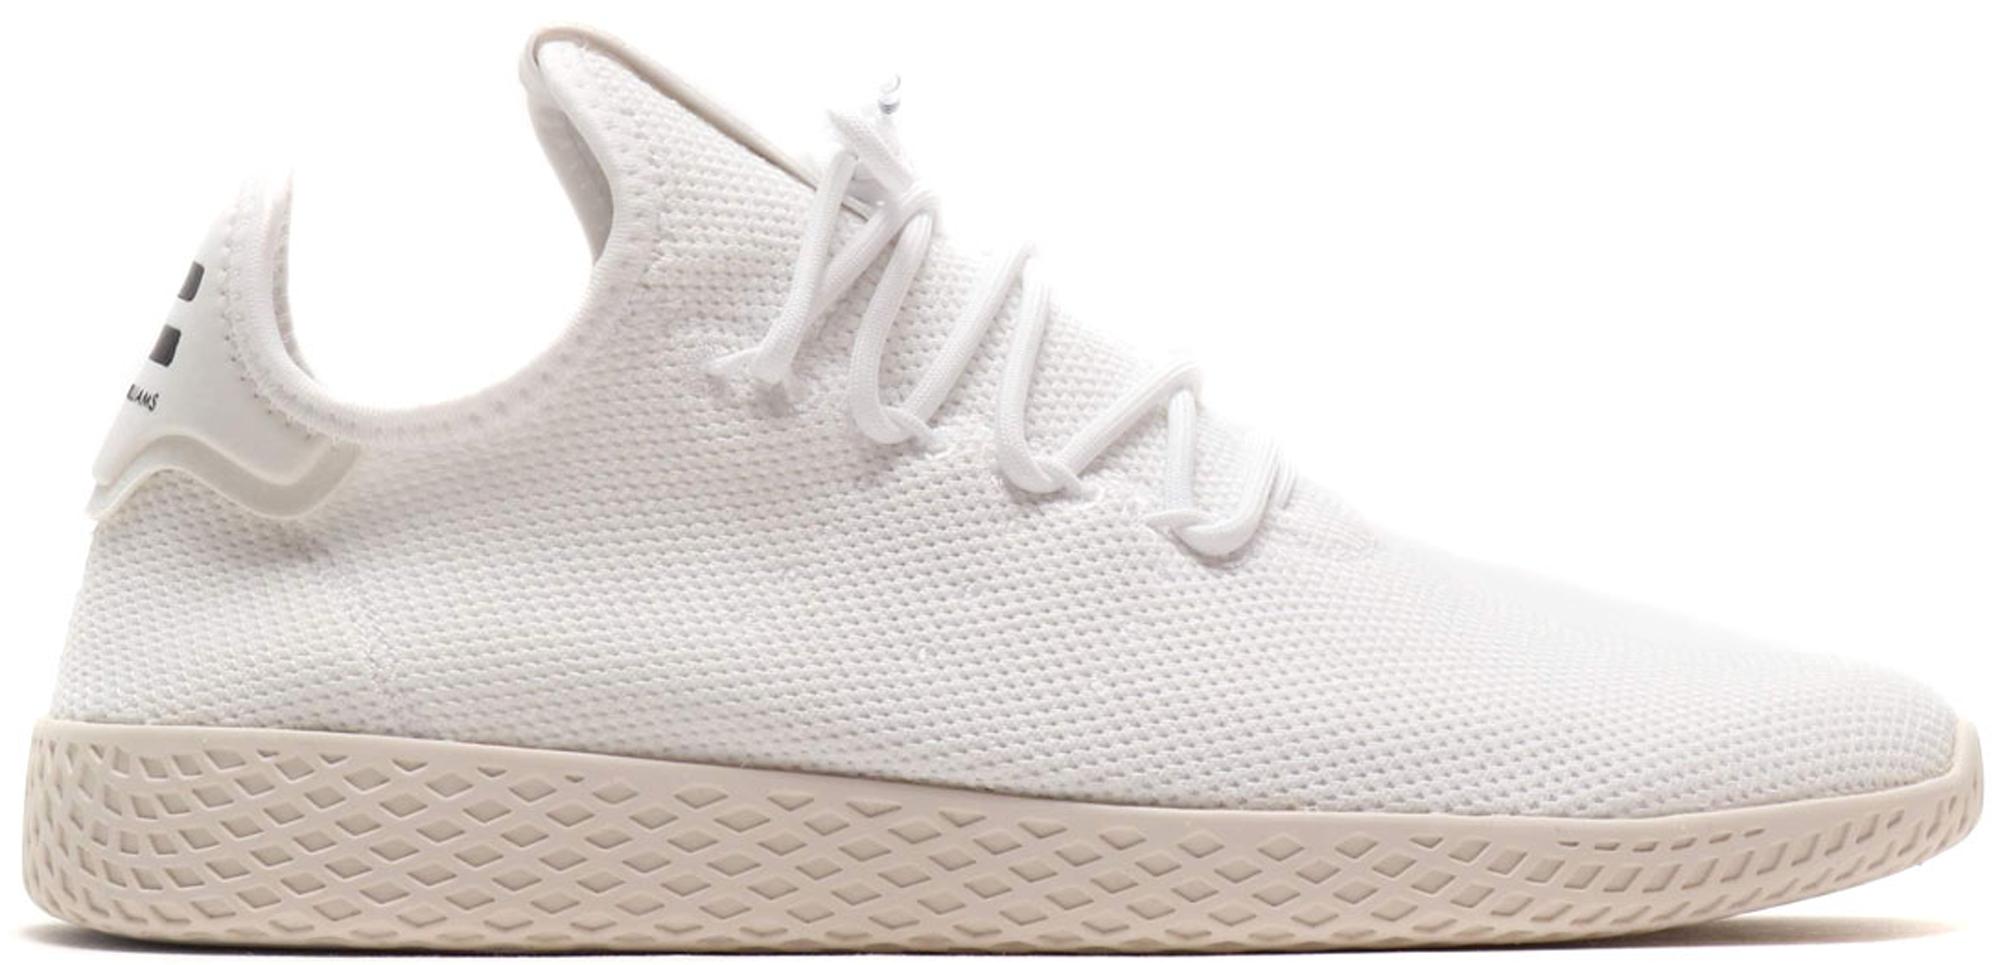 adidas Tennis Hu Pharrell Running White Chalk White